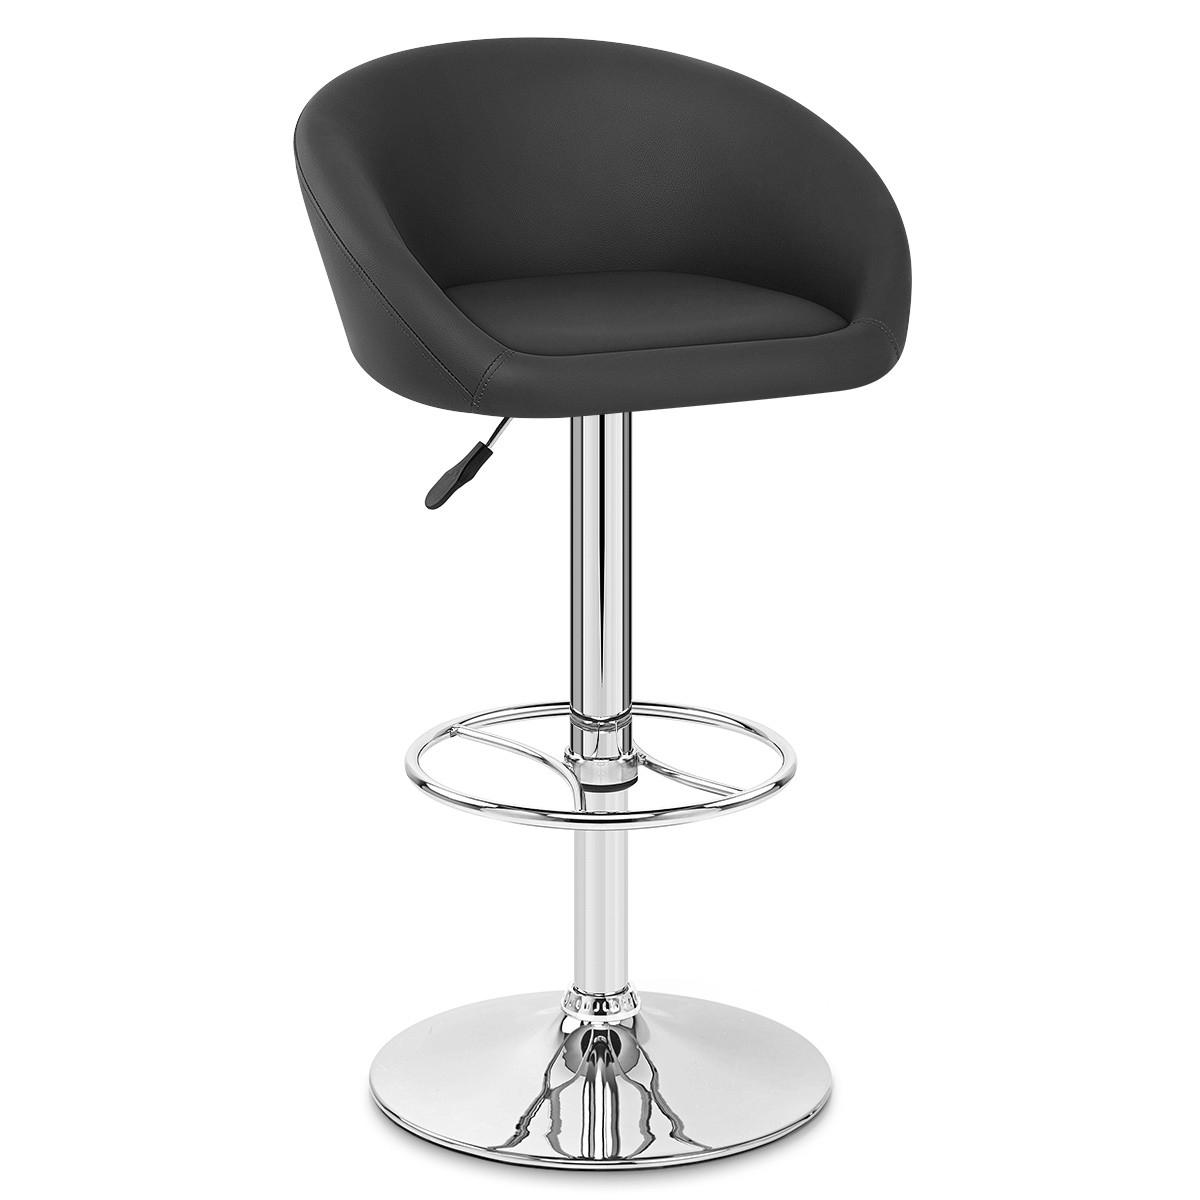 Chaise de bar cuir chrome zenith